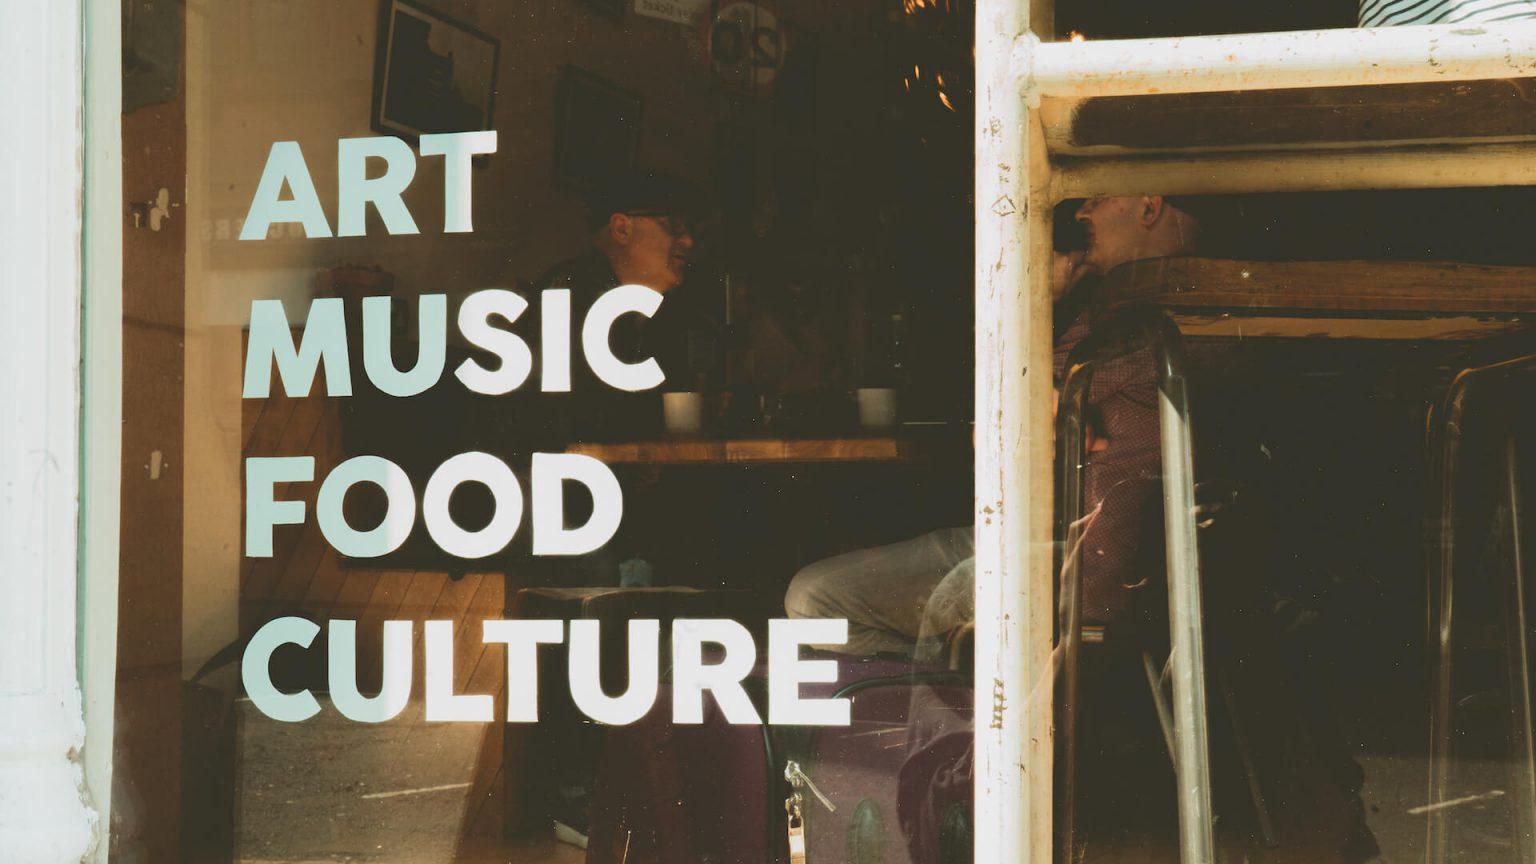 DSC09532-1440x810 Café Artum――バーミンガムのミュージックラバーズから親しまれるカフェ/レコードショップ